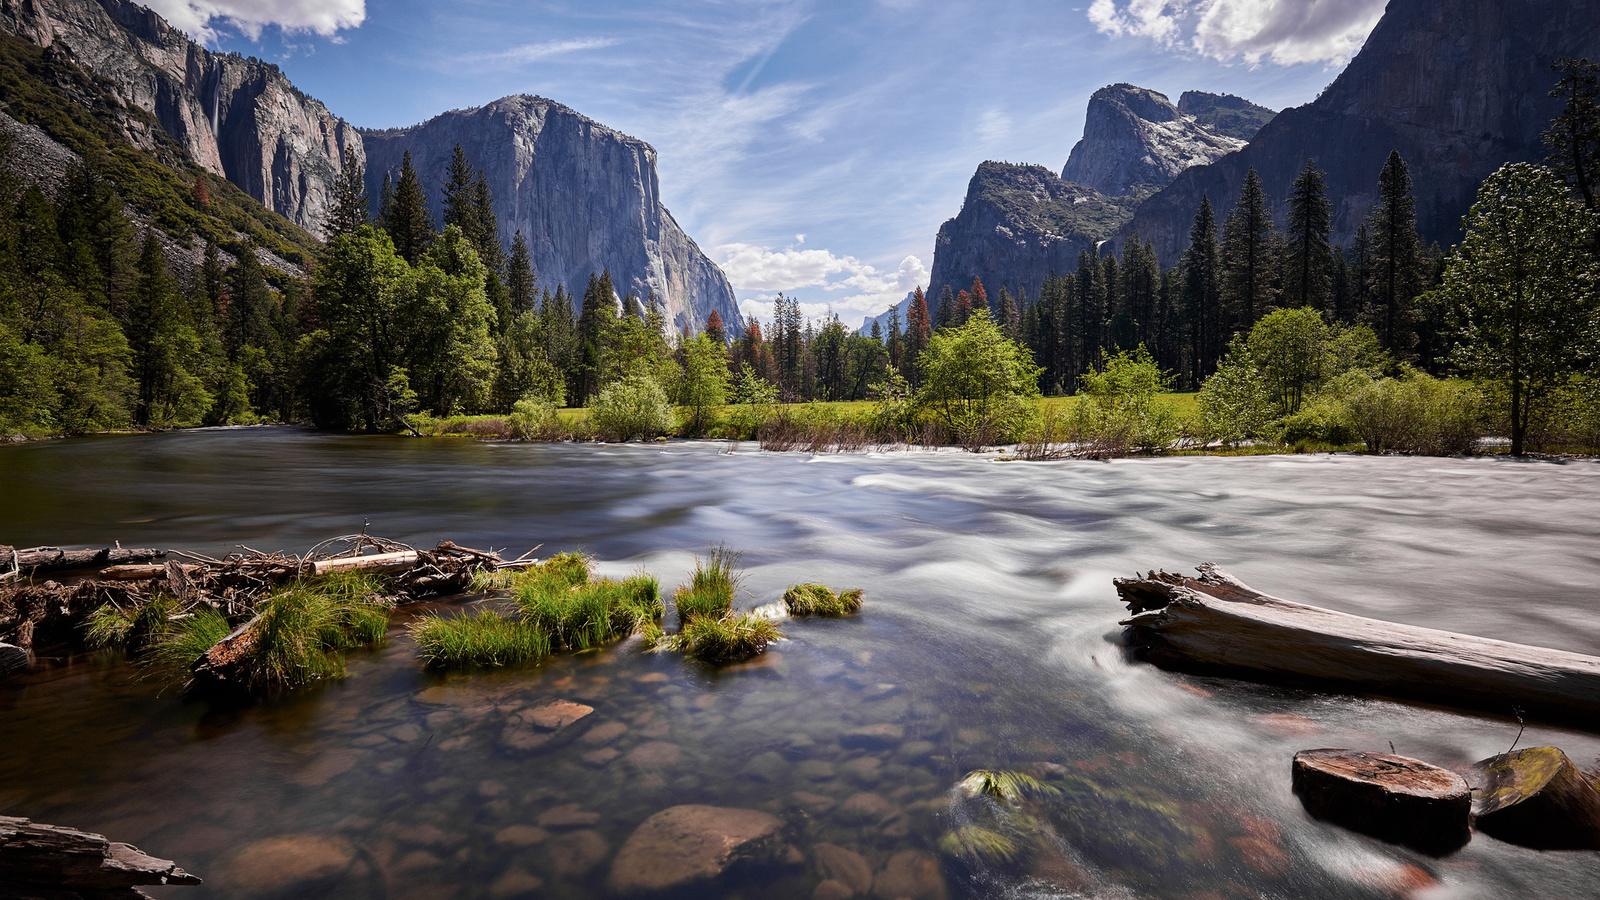 природа, пейзаж, сша, калифорния, yosemite, йосемити, национальный парк, горы, леса, река, камни